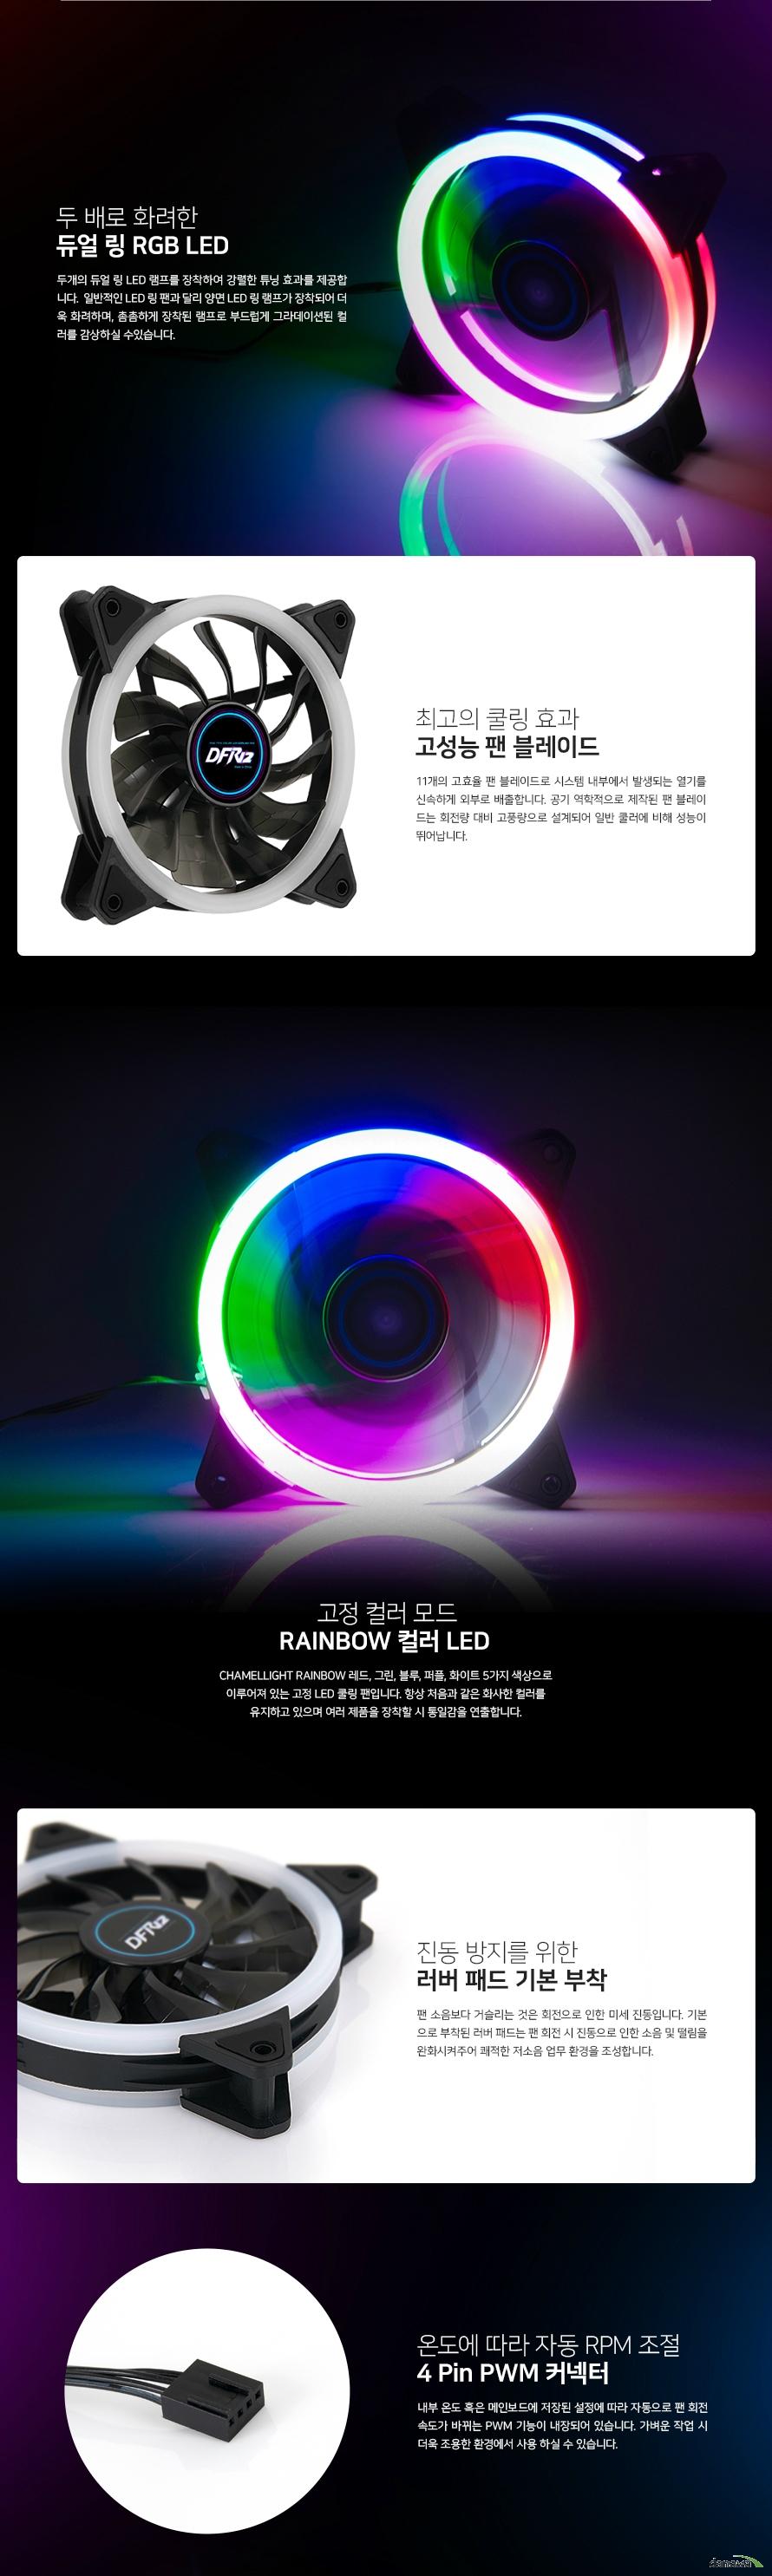 대양케이스 CHAMELLIGHT RAINBOW PWM 120 듀얼링